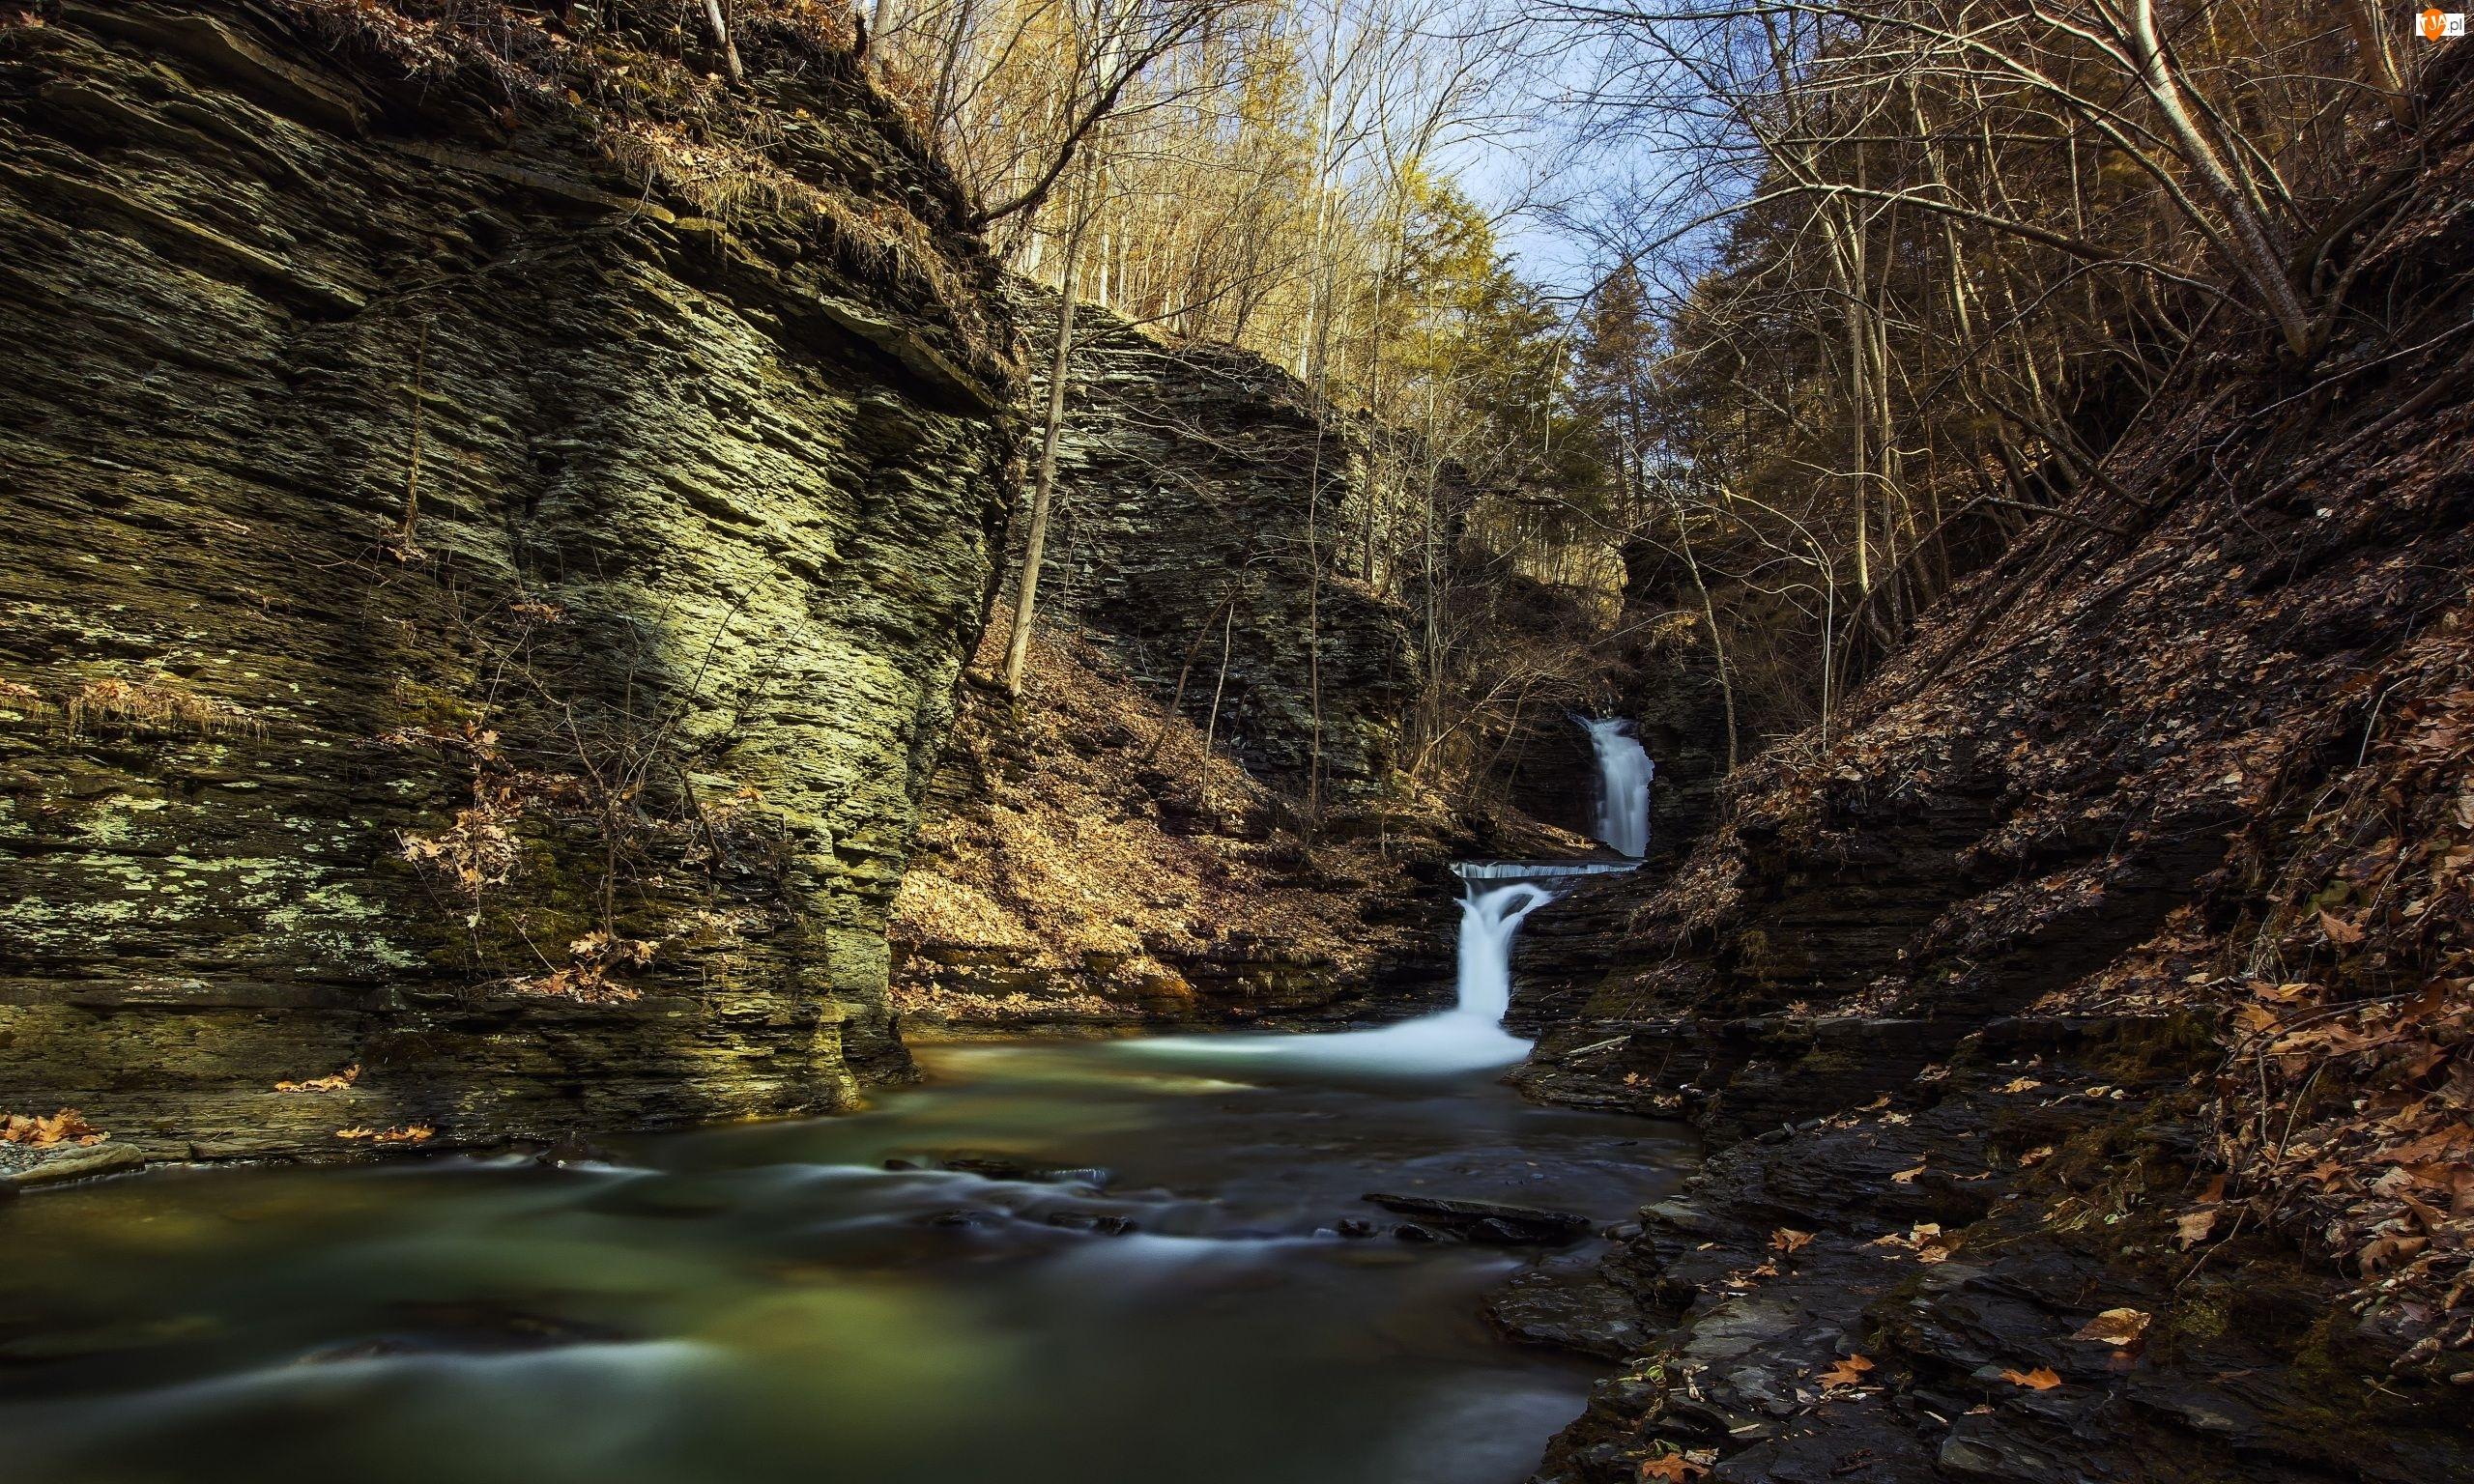 Kamienie, Wodospad Montour, Stan Nowy Jork, Stany Zjednoczone, Drzewa, Havana Glen Park, Skały